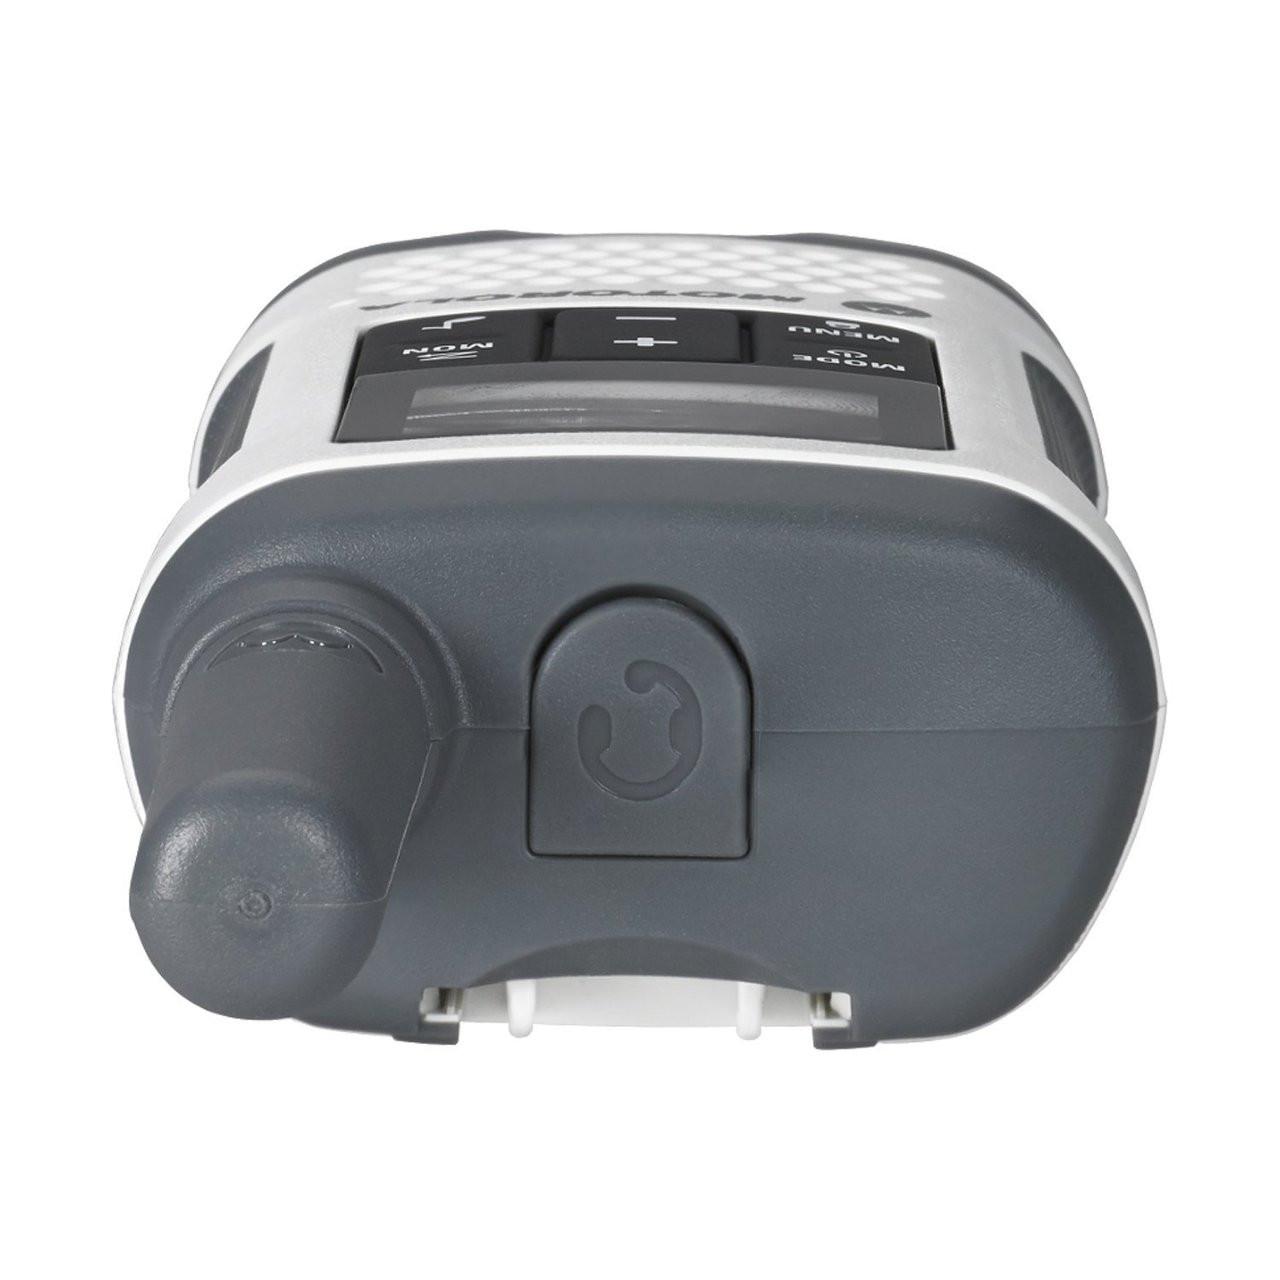 Motorola T260 walkie talkie top view